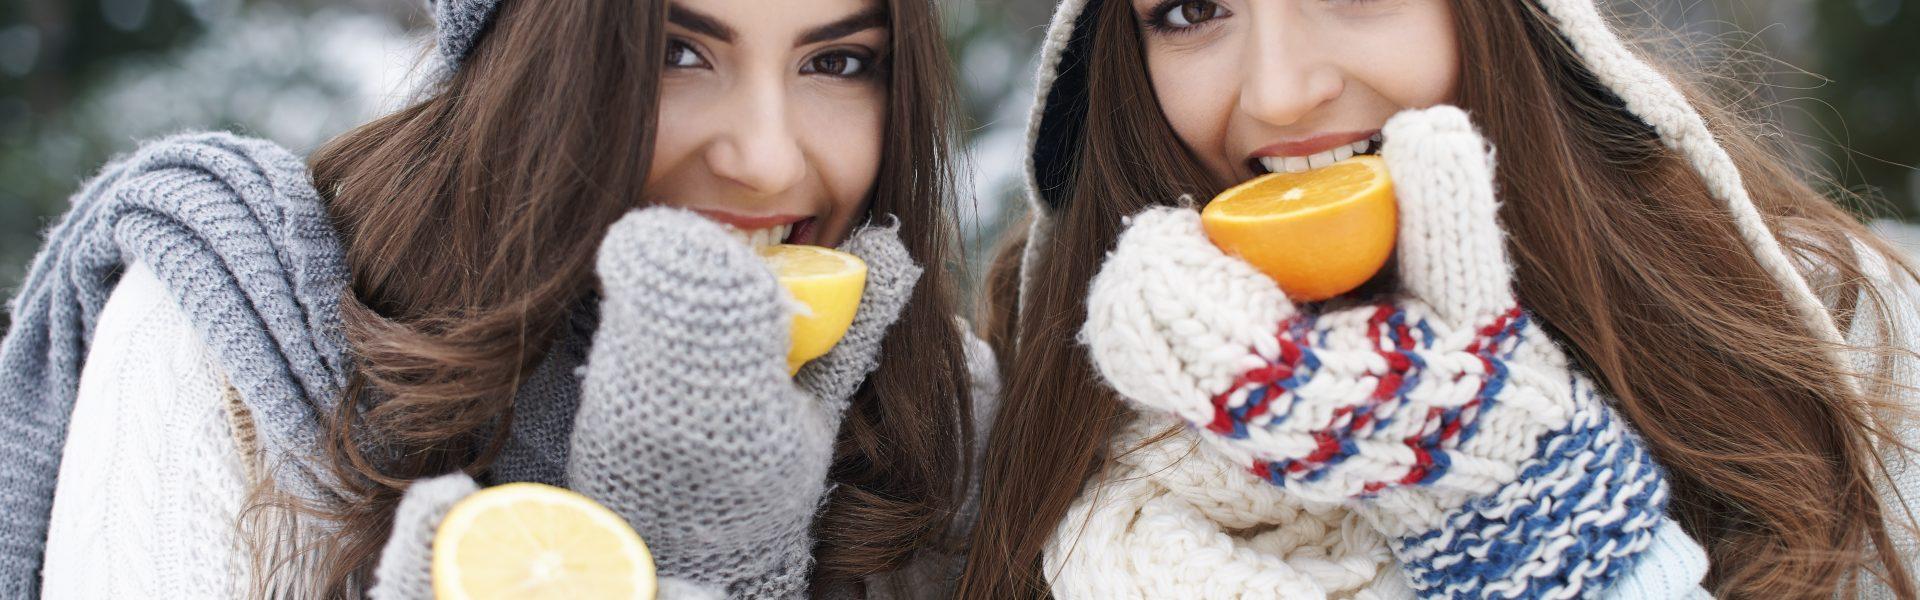 Naše zásoby vitamínů v zimě mizí. Co s tím?